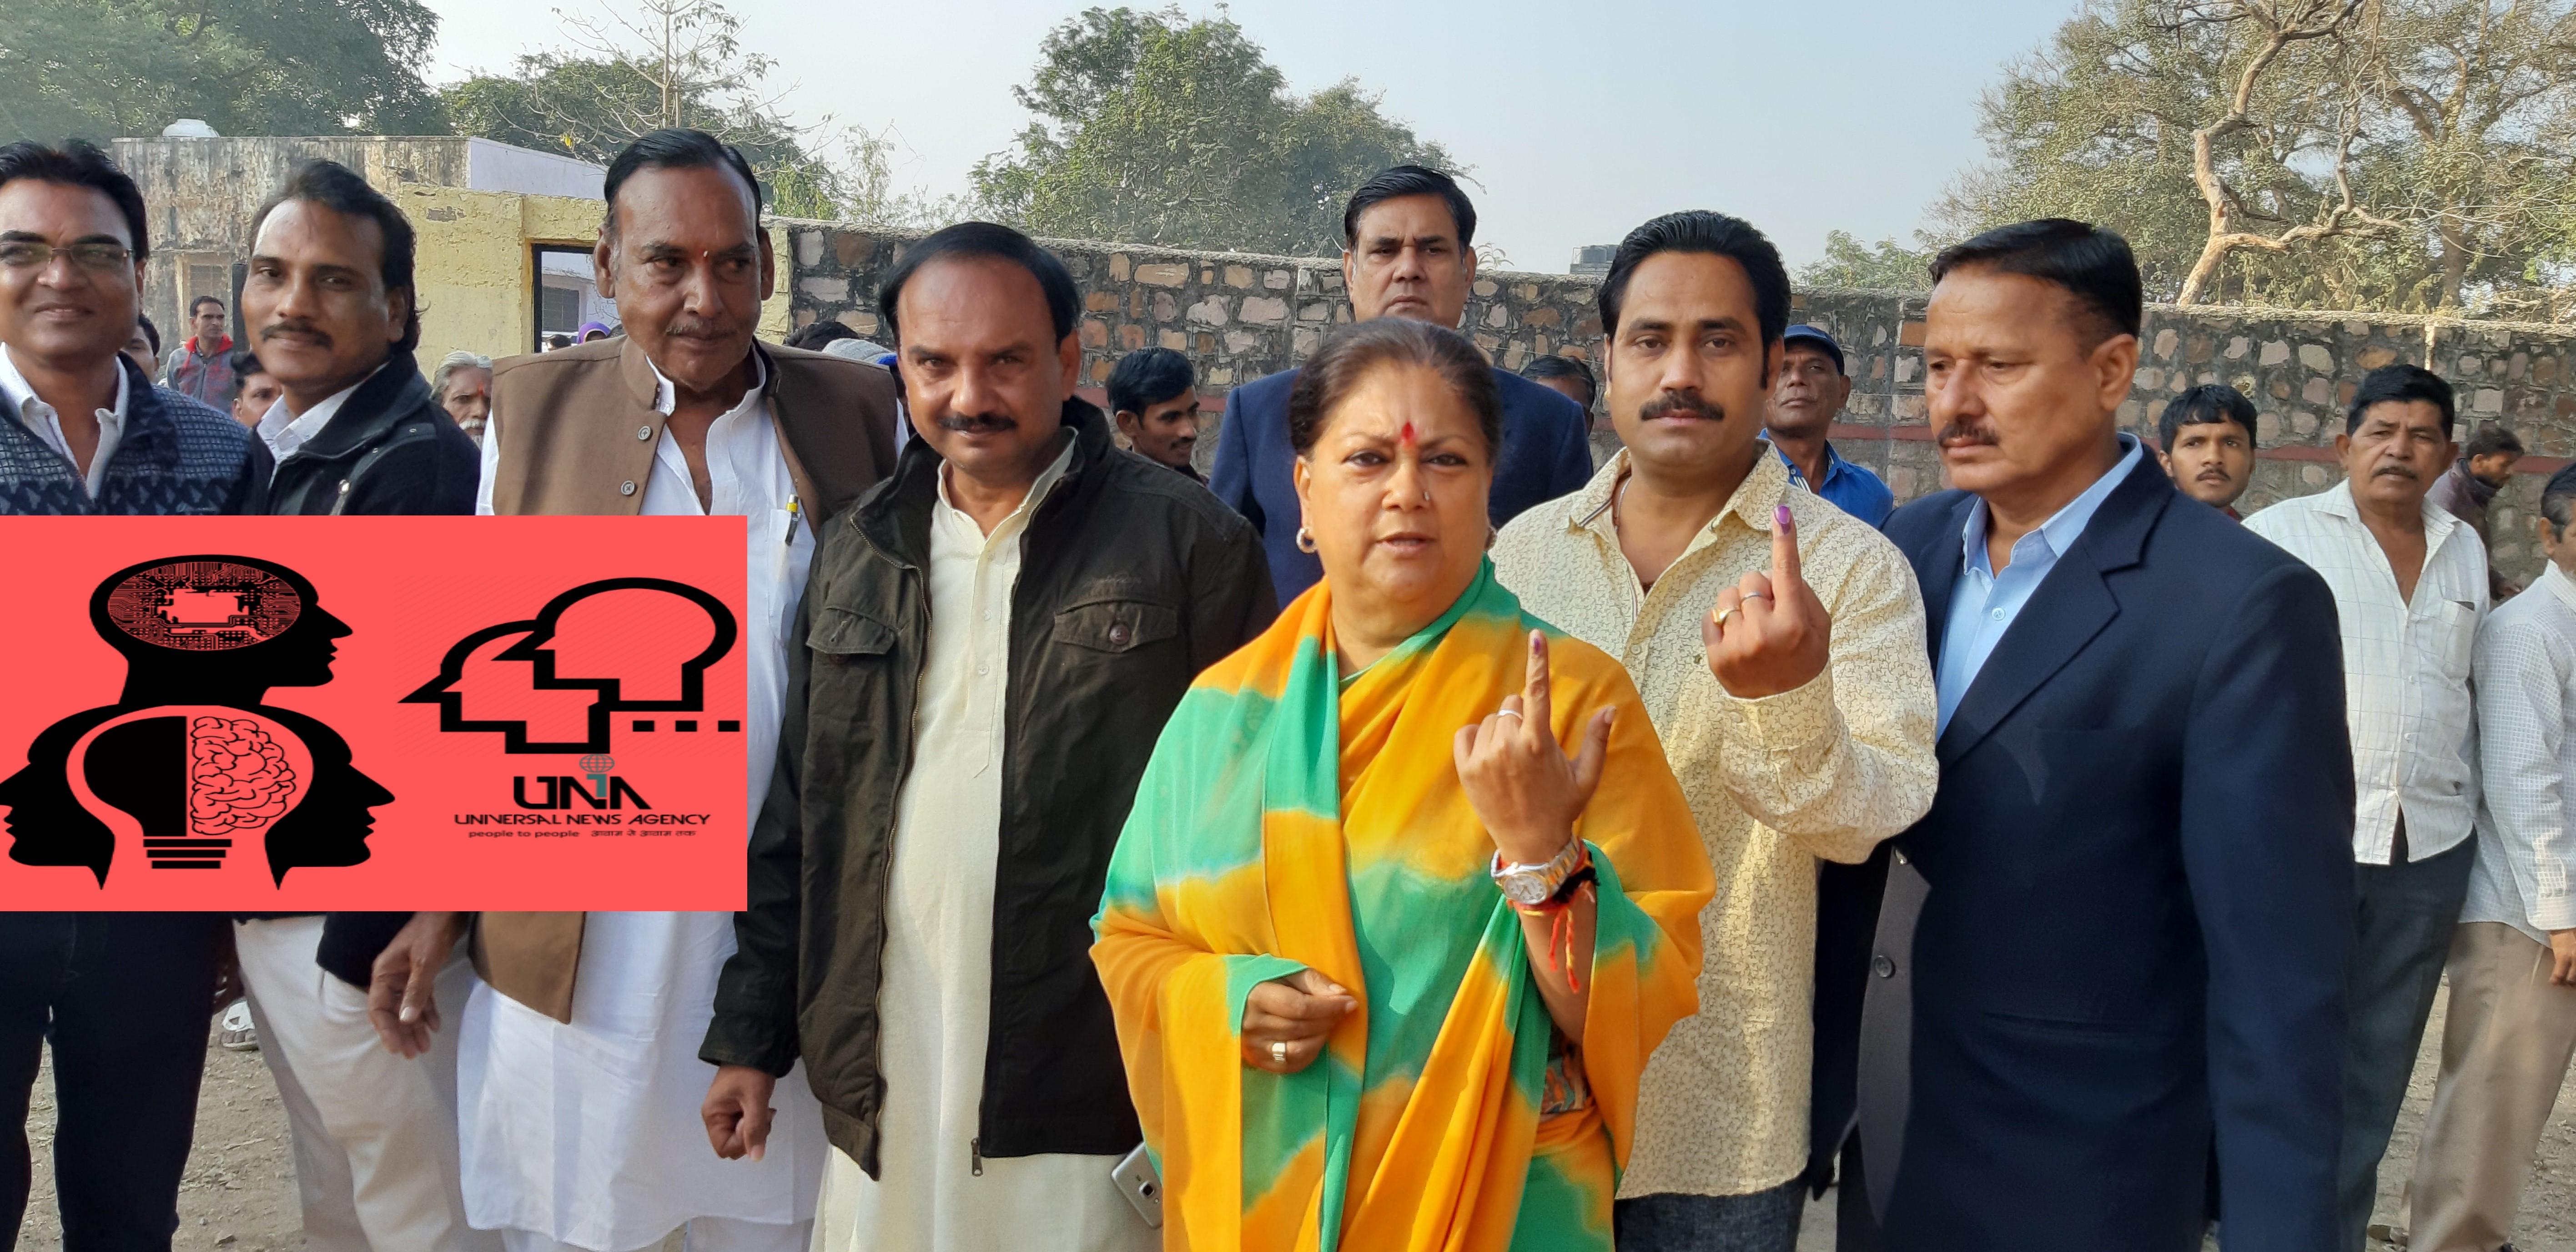 झालावाड़ में आज मतदान का दिन